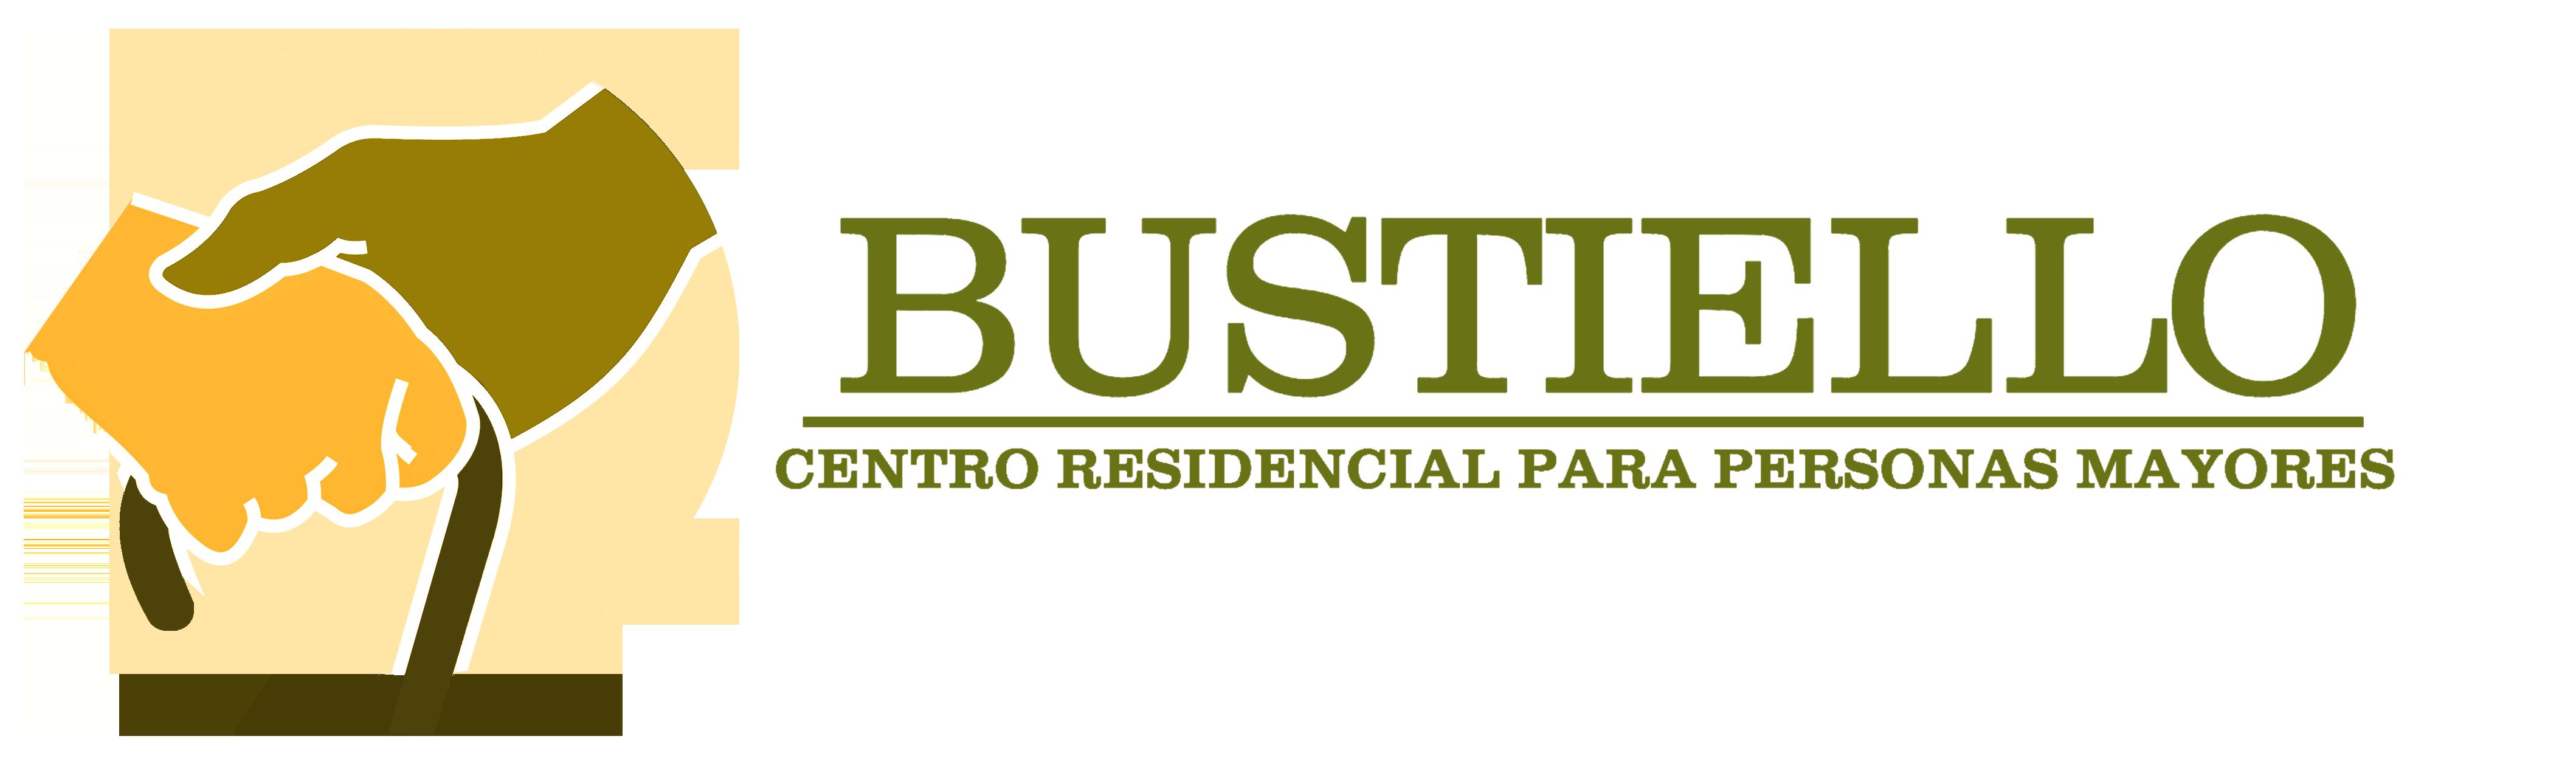 Bustiello